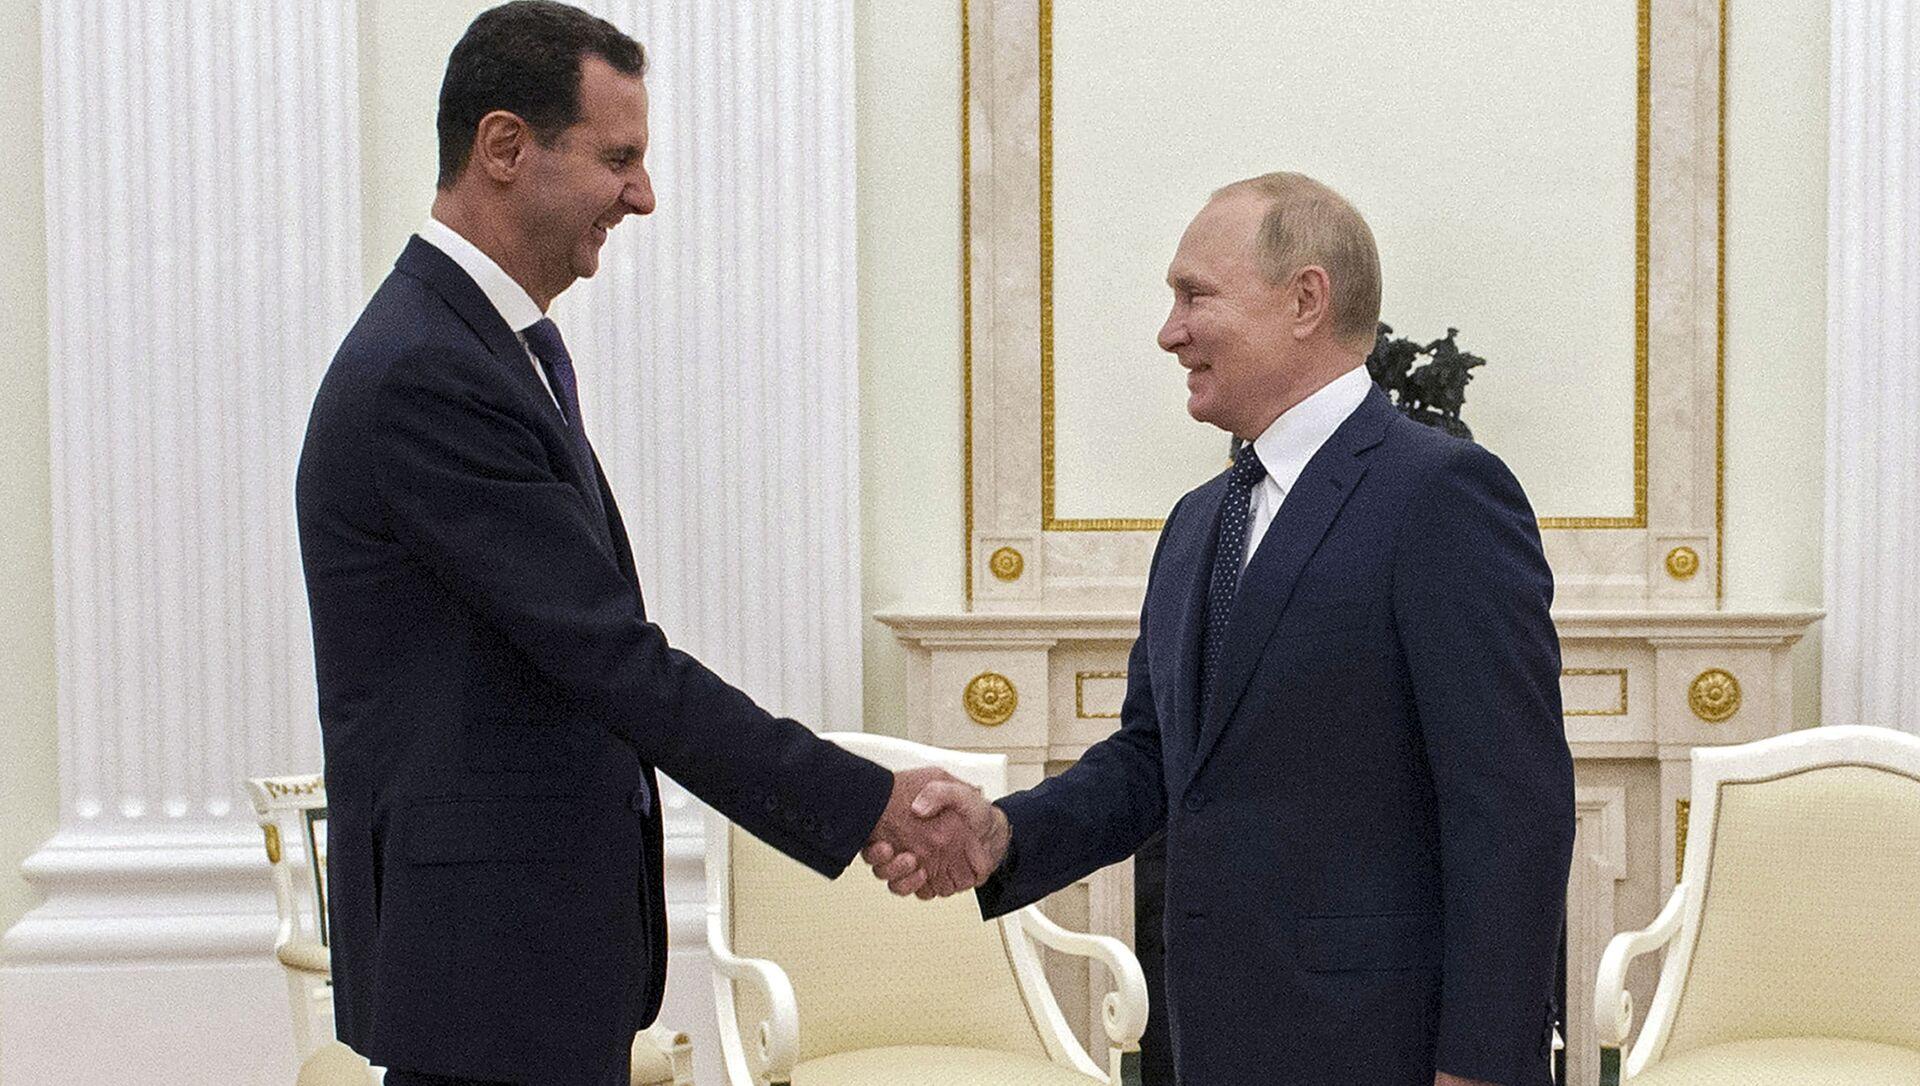 13 сентября 2021. Президент РФ Владимир Путин и президент Сирии Башар Асад (слева) во время встреч - Sputnik Азербайджан, 1920, 14.09.2021